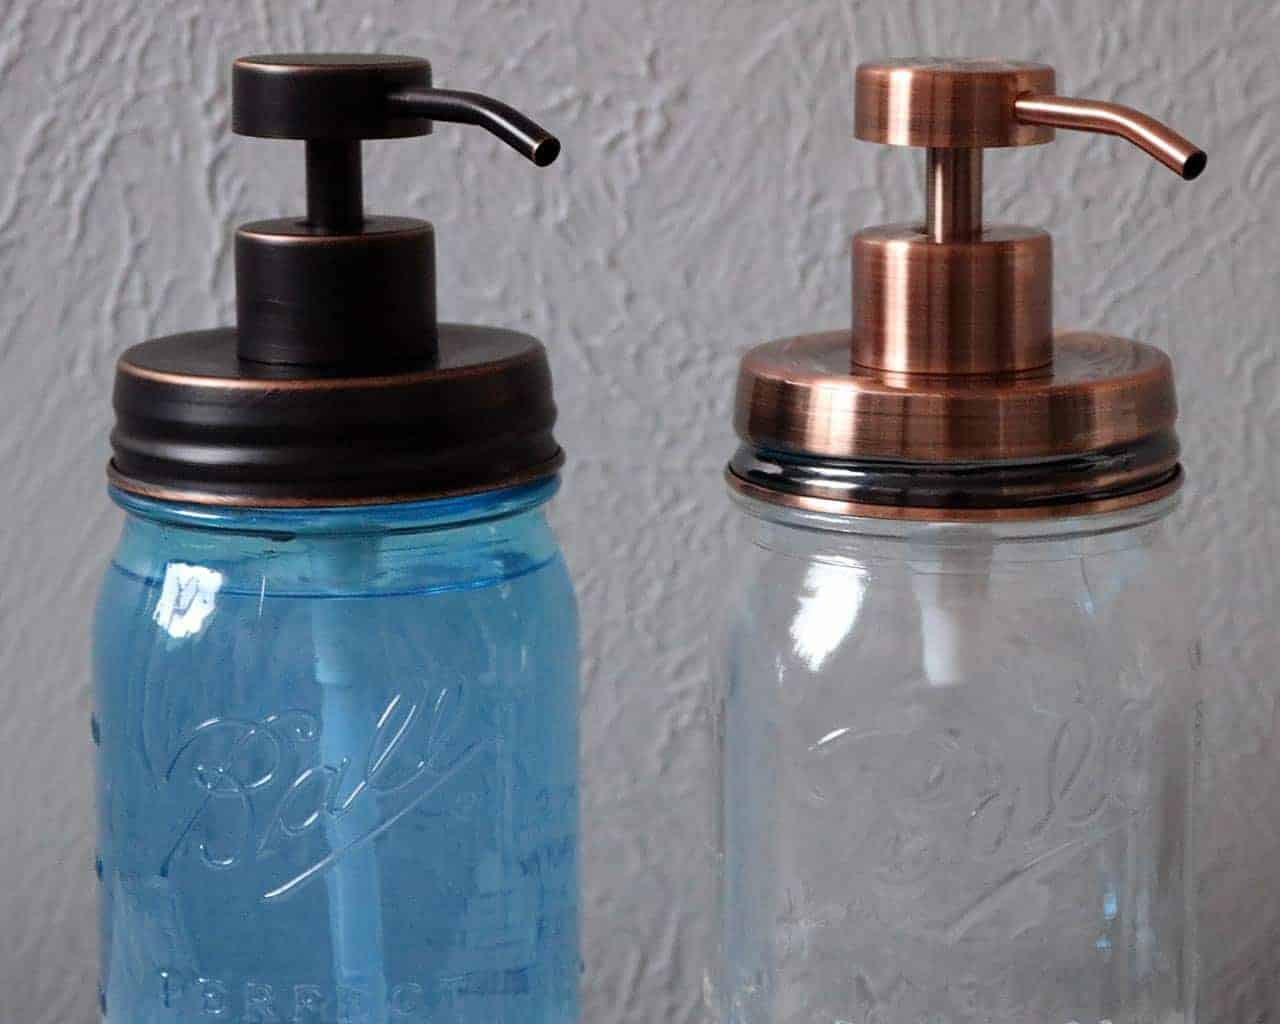 mason jar lifestyle soap pump dispenser lid kit oil rubbed bronze vintage copper 2